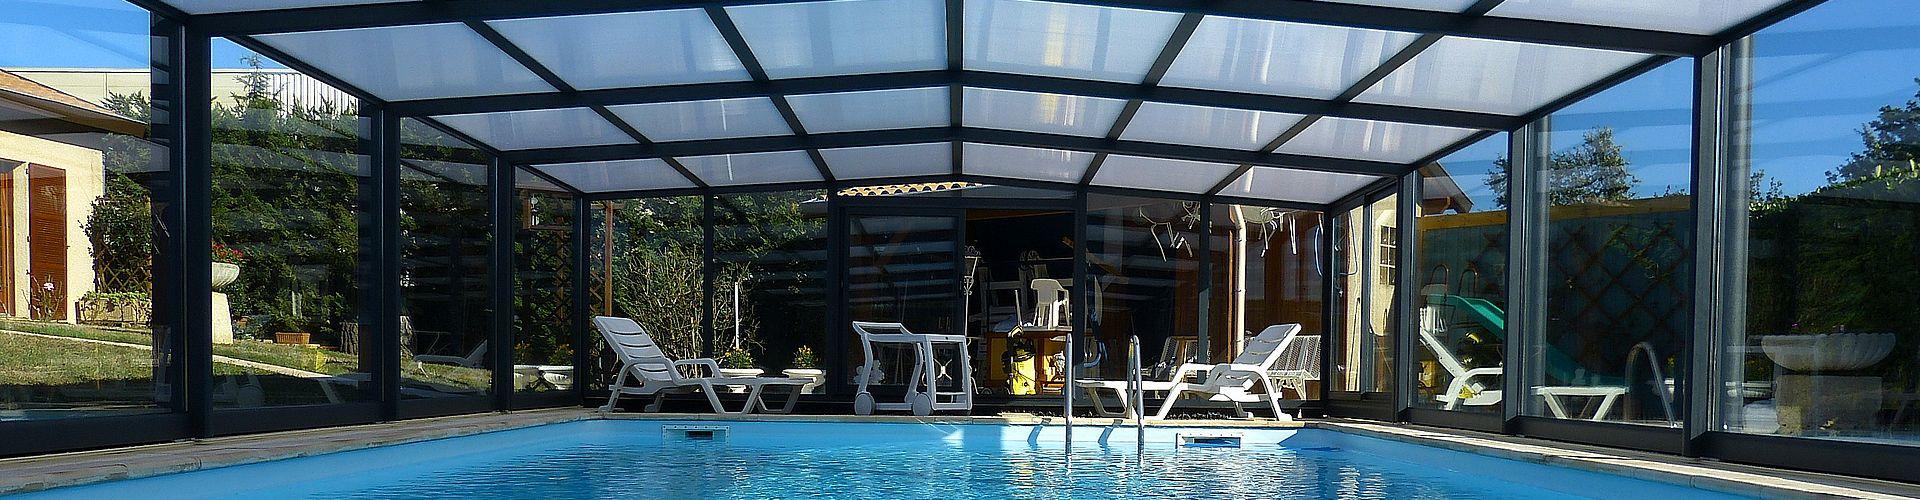 d pann abris piscines r paration installation entretien pose et r novation d 39 abris de piscine. Black Bedroom Furniture Sets. Home Design Ideas